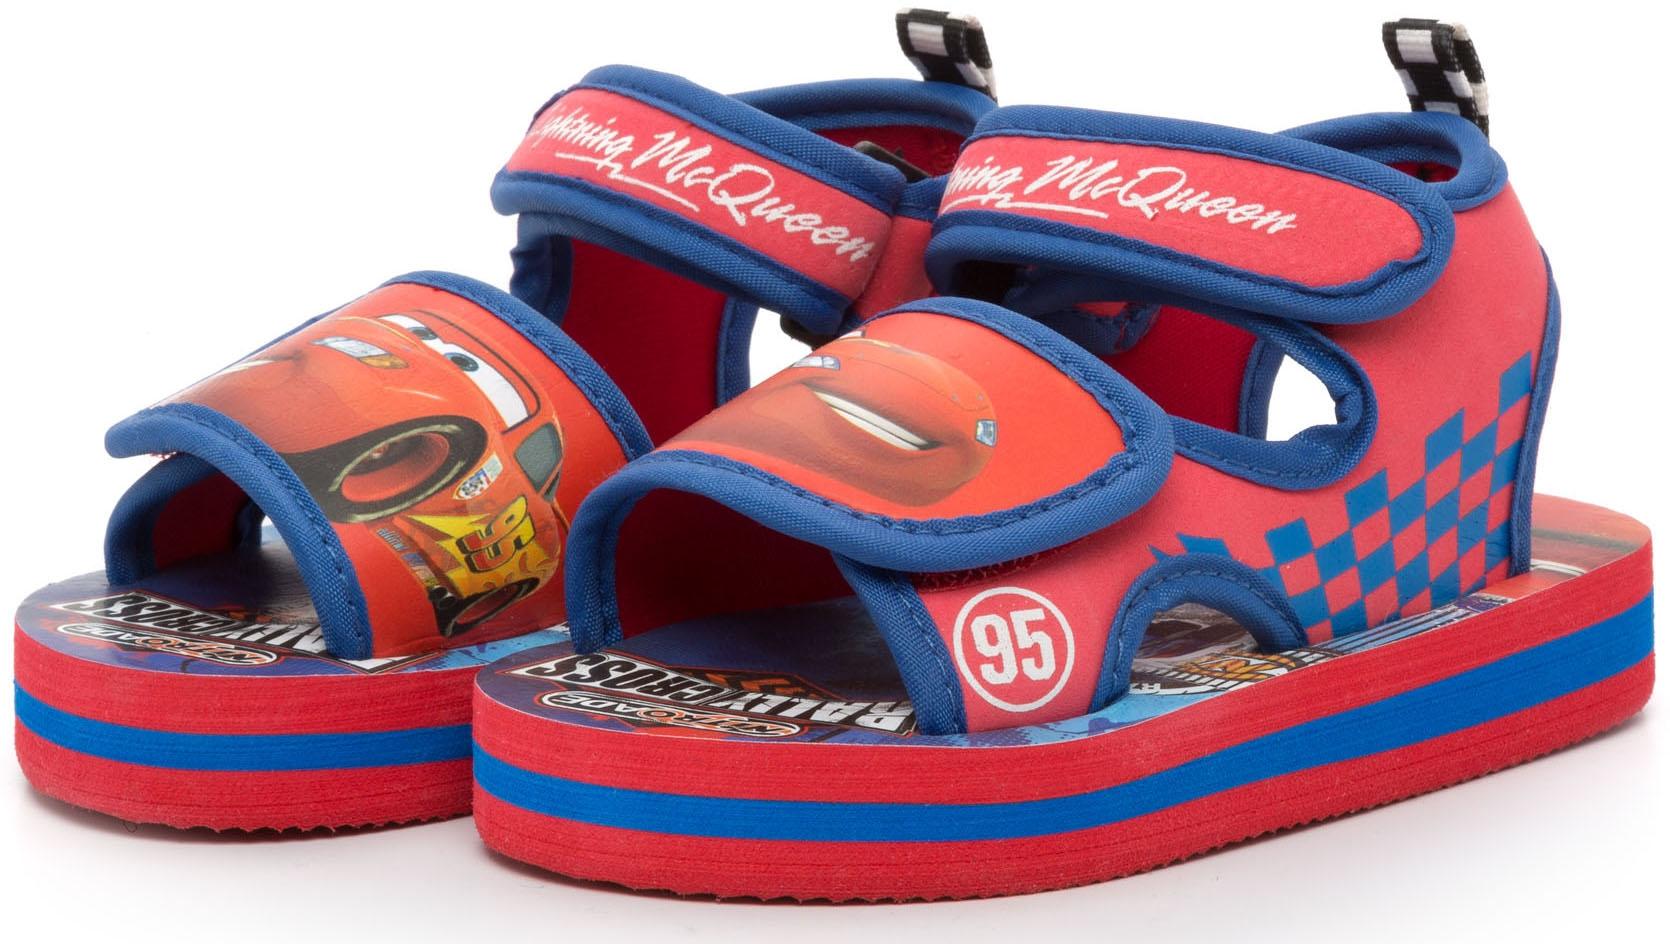 Туфли для мальчика, Летние для пляжа и бассейна красно-синие, 1шт., DISNEY CARS 2 CA001109, Китай, красно-синий, Мужской  - купить со скидкой